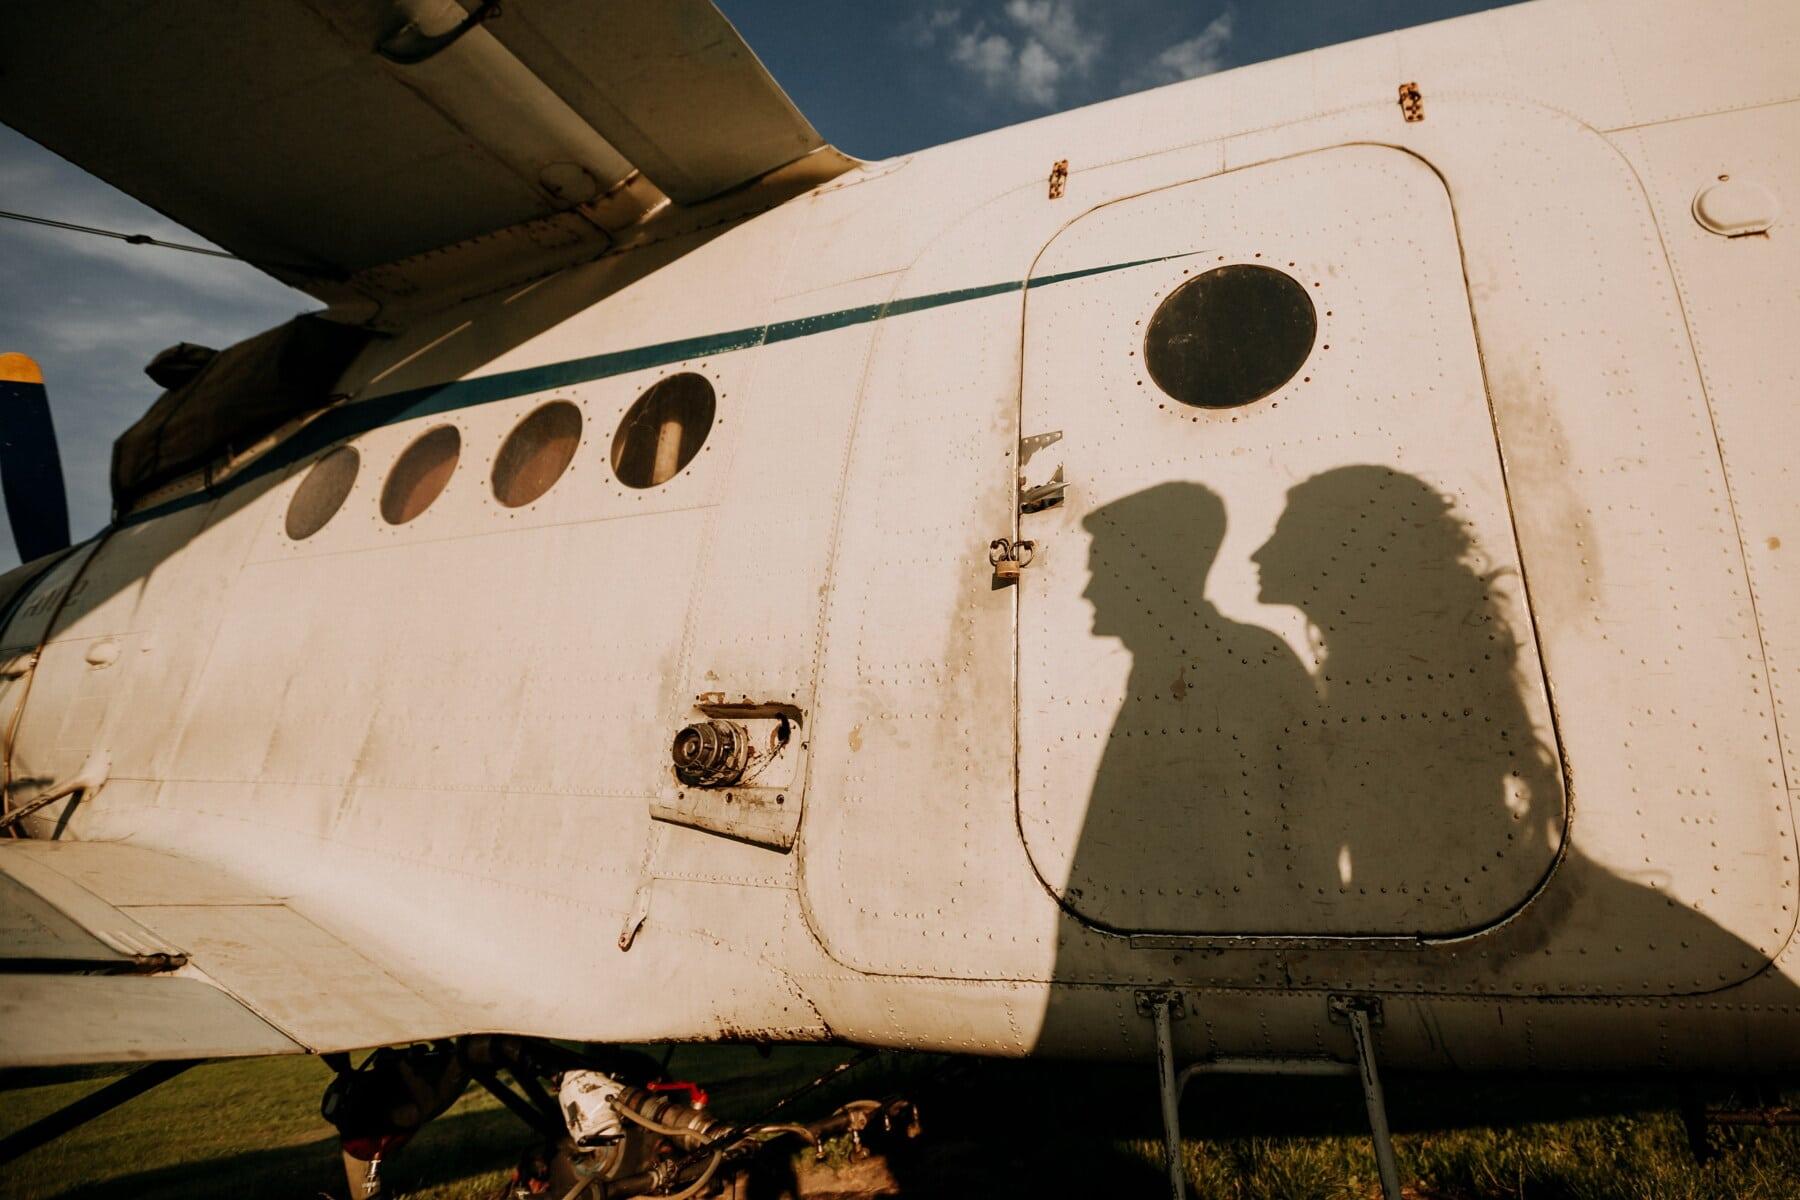 silhouette, petit ami, petite amie, Aéroport le plus pratique, avion, hélice, moteur d'avion, ombre, véhicule, avion